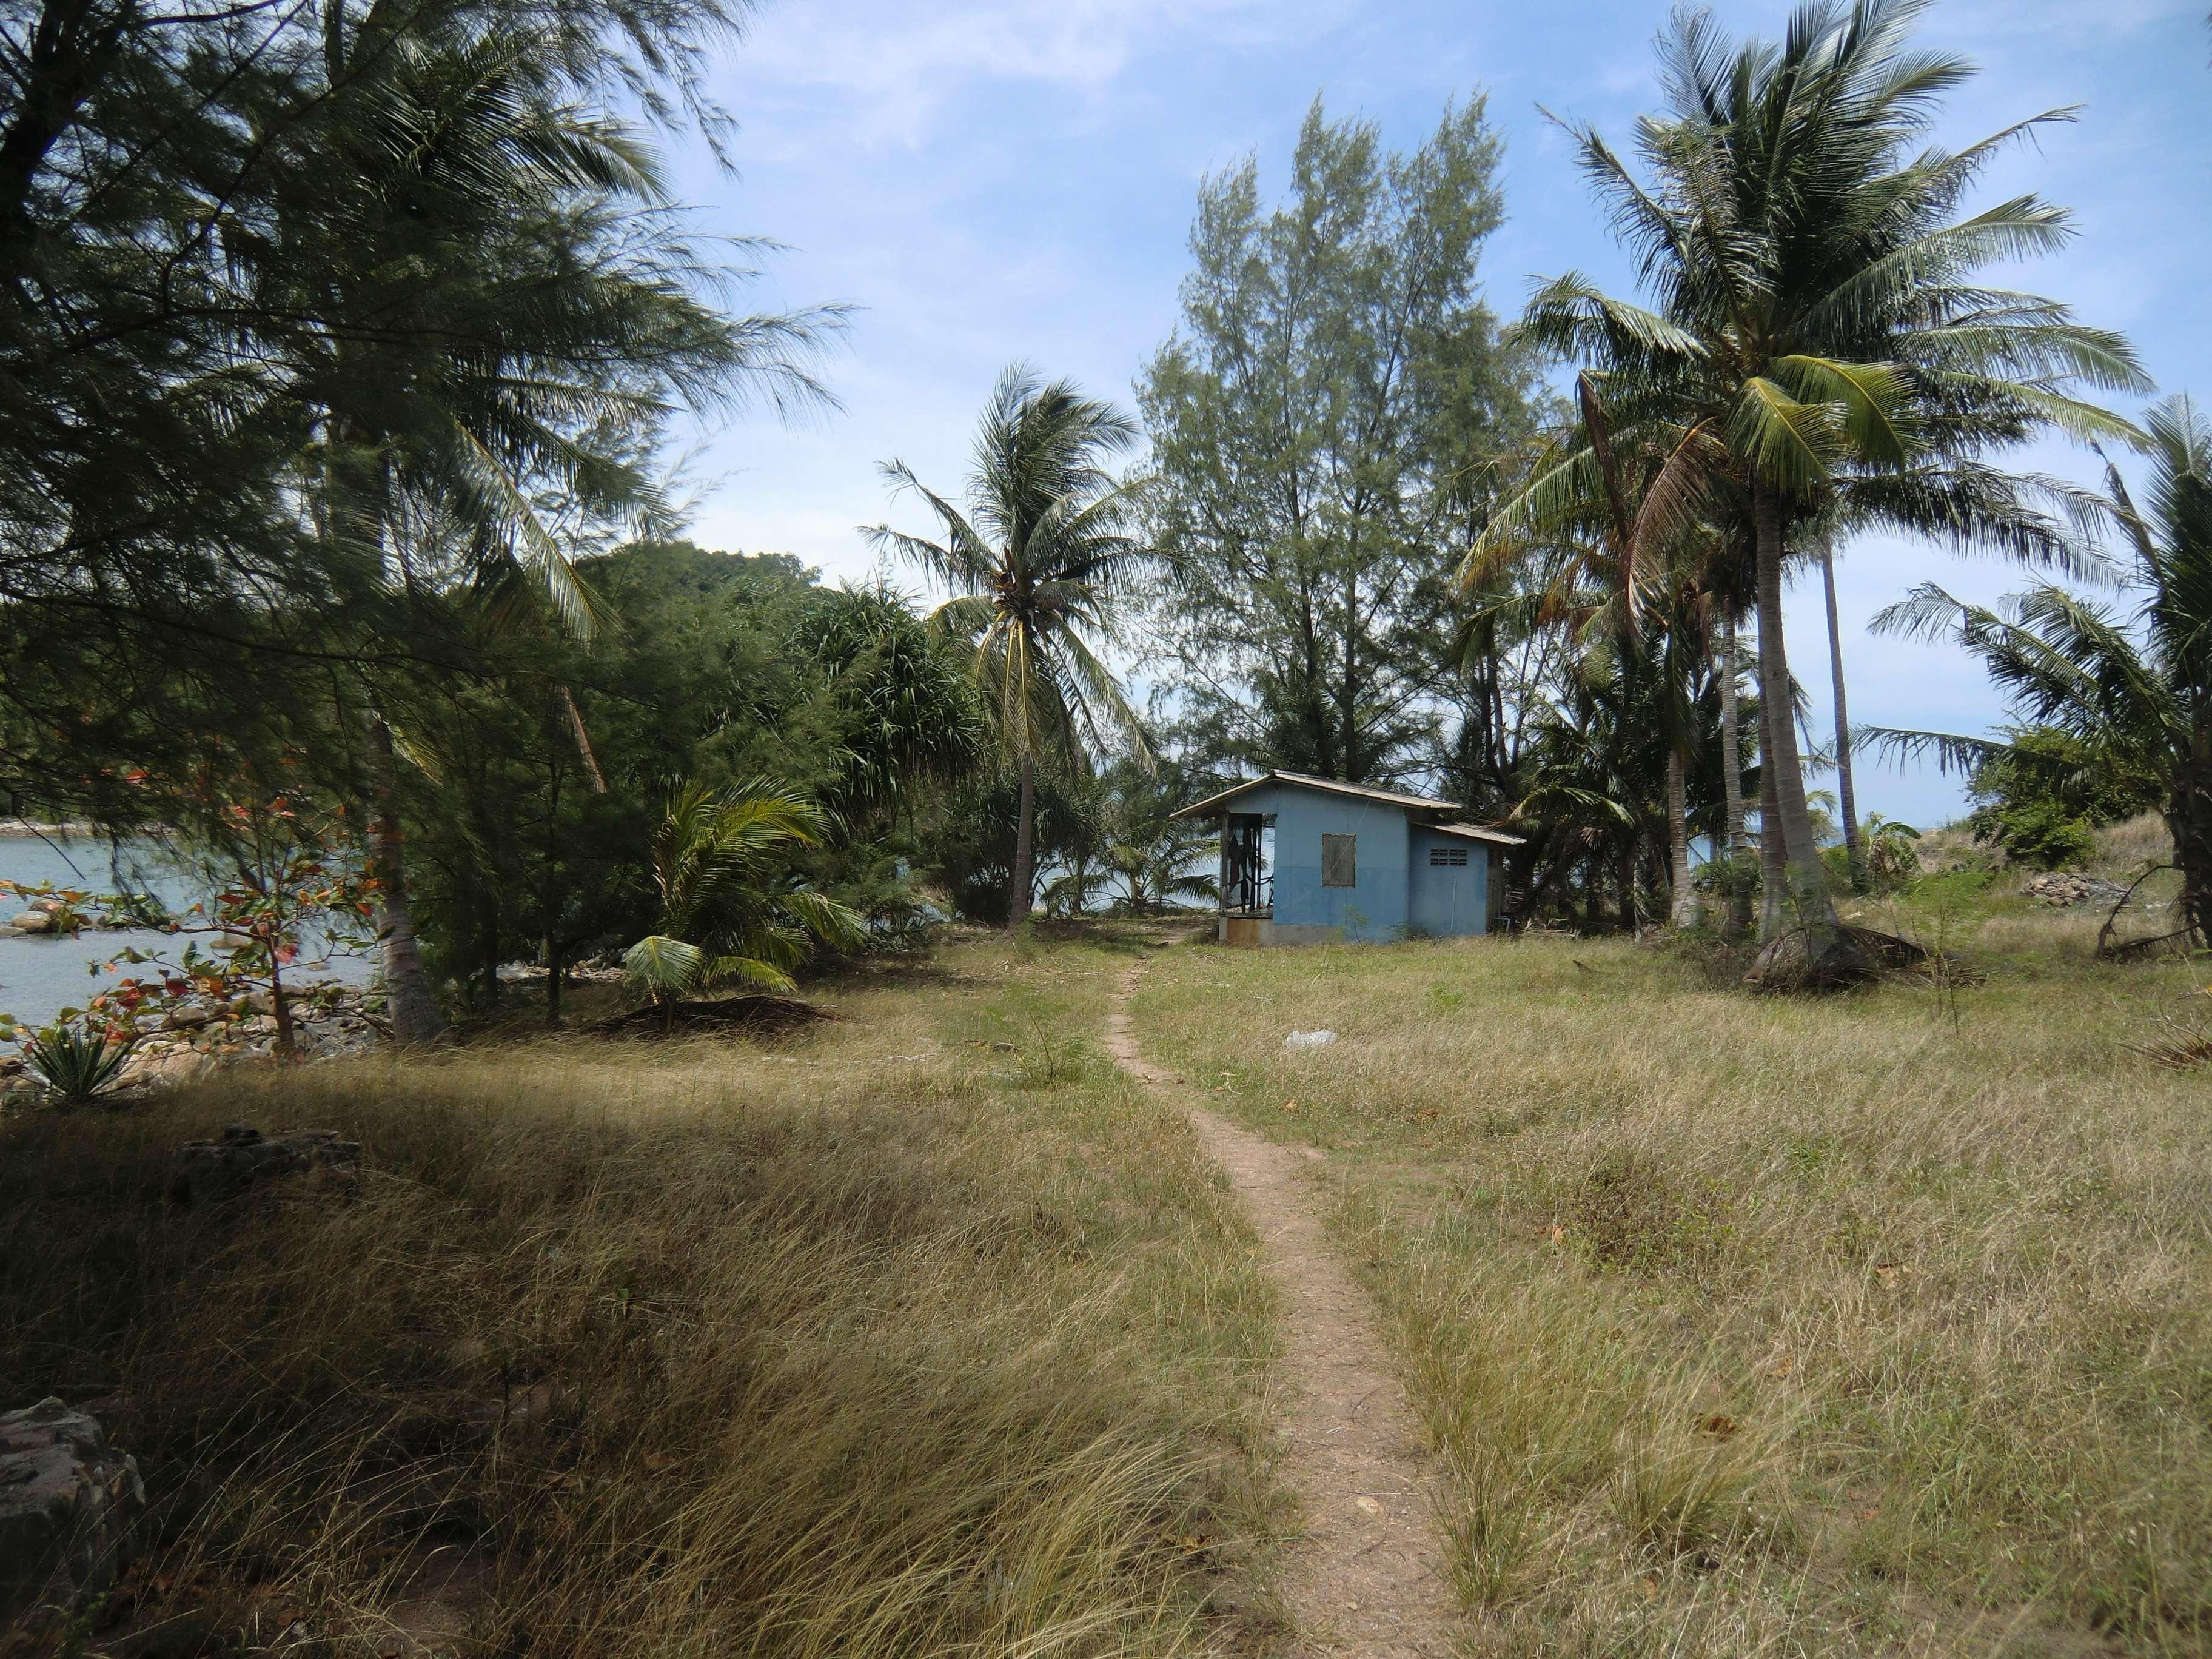 das muss noch eine der ersten Hütten sein, die hier erbaut wurden....